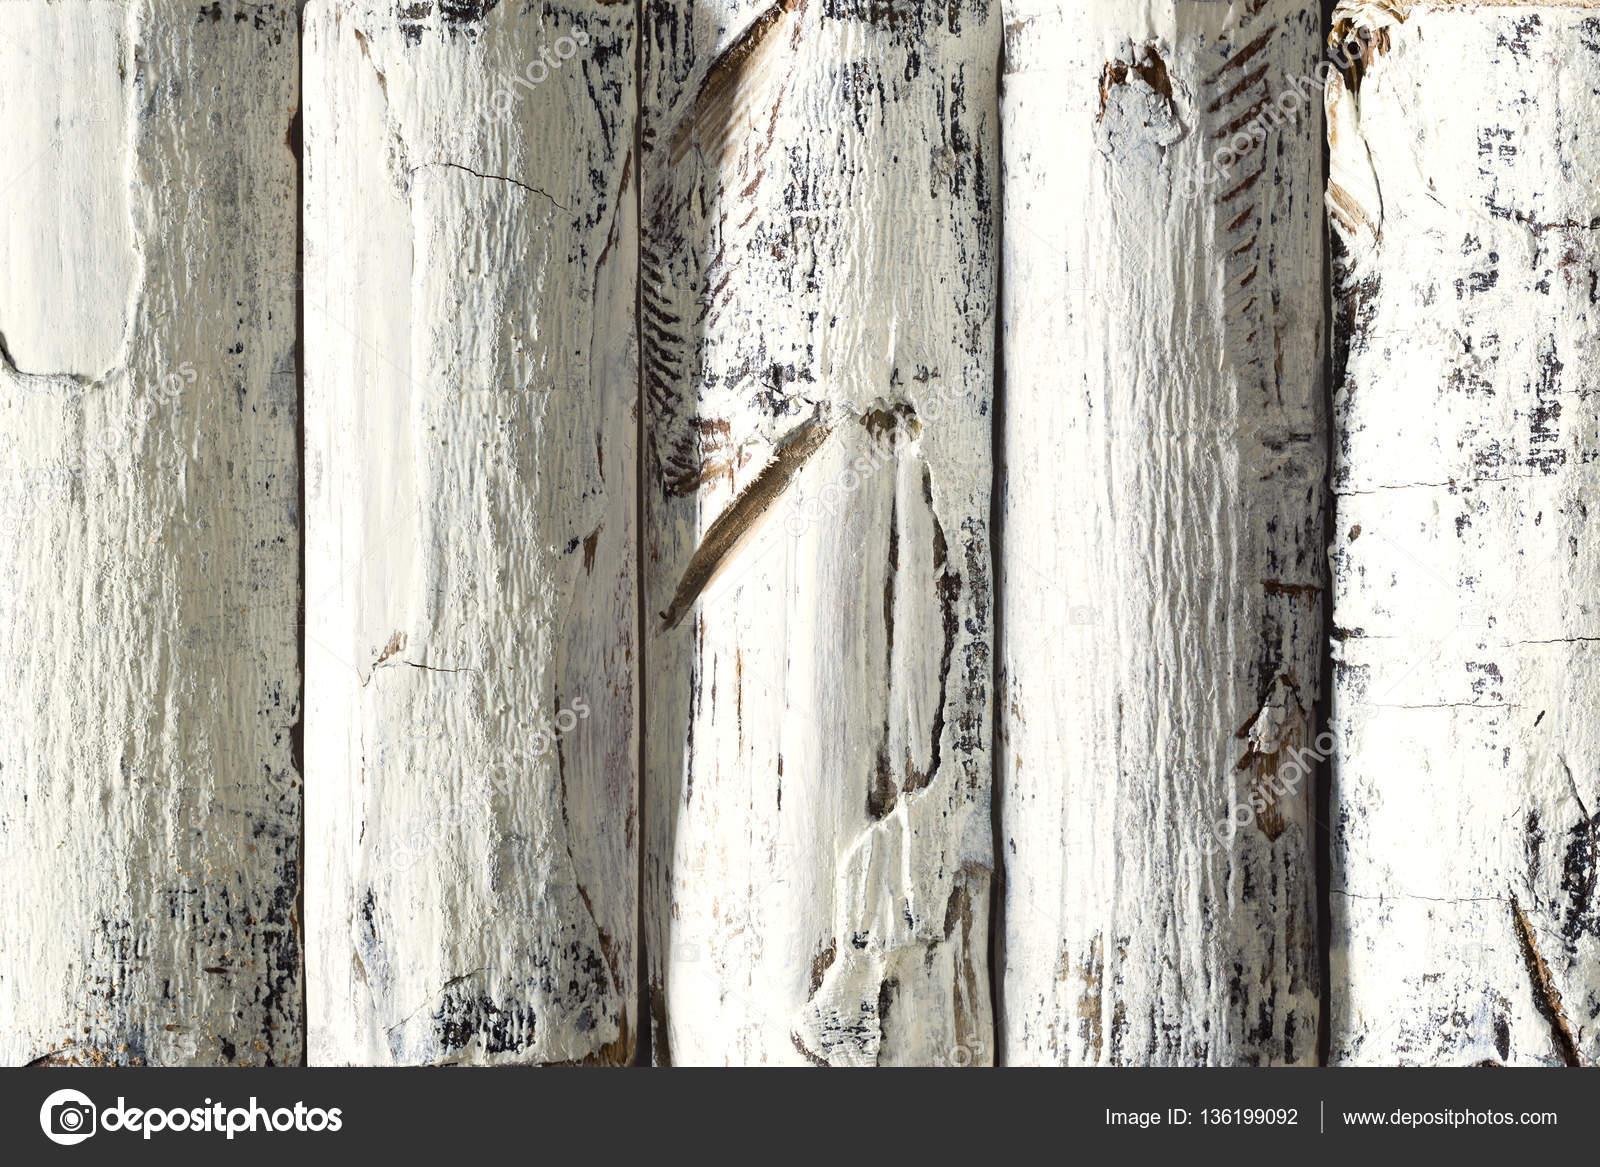 holzblock hintergrund, weiße farbige holzbohlen rinde, holz